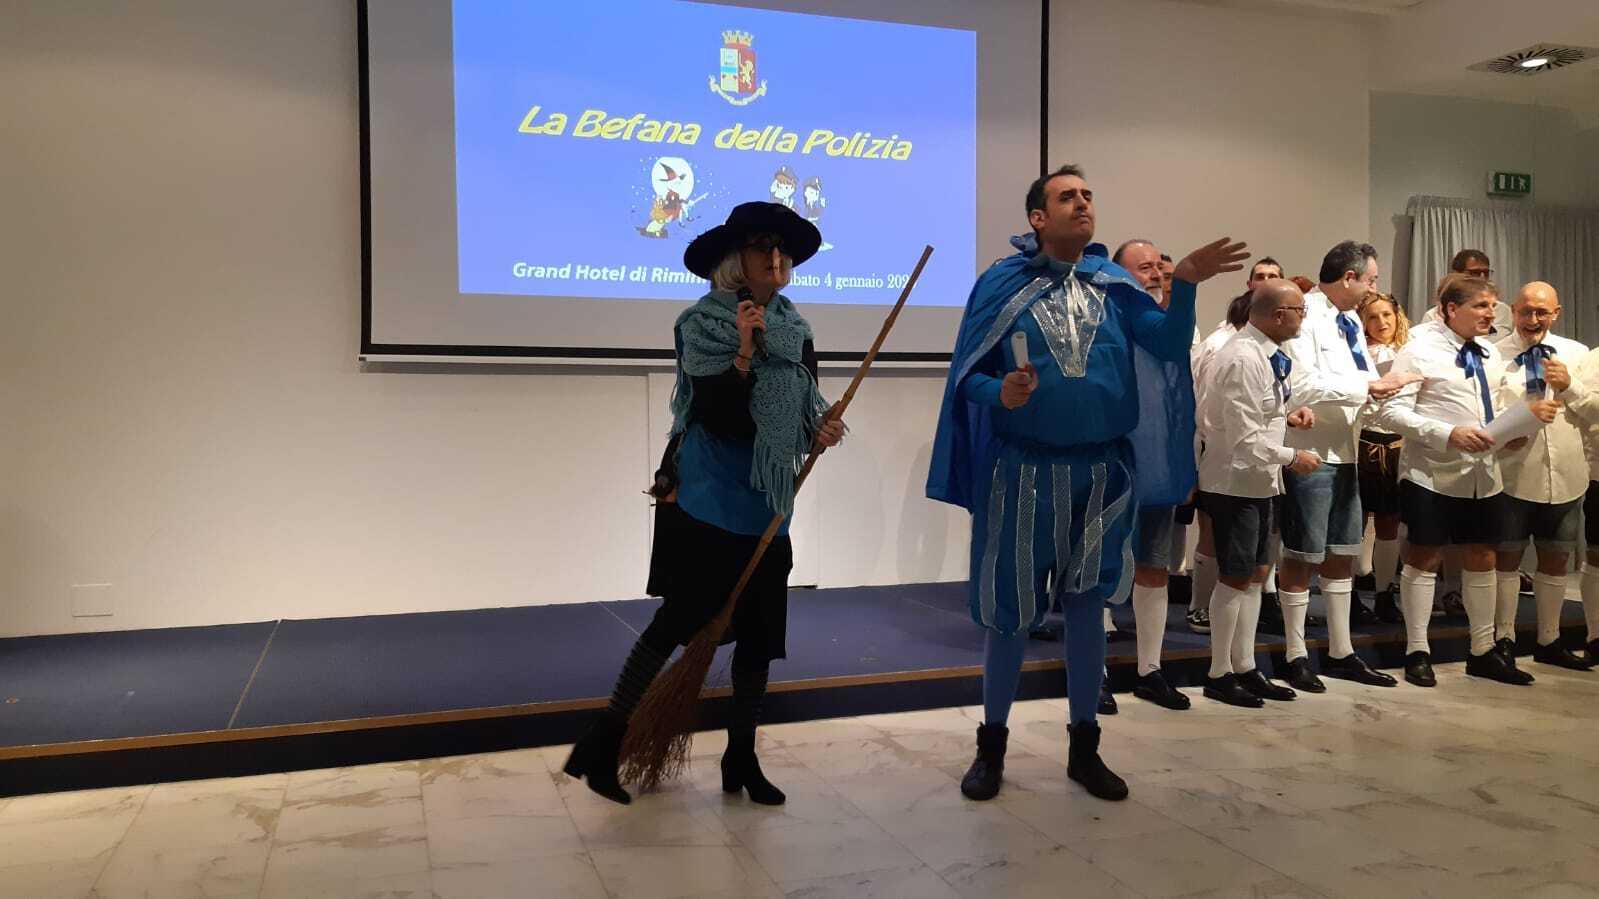 """Befana a Rimini. I poliziotti cantano """"Nella vecchia fattoria"""". VIDEO"""